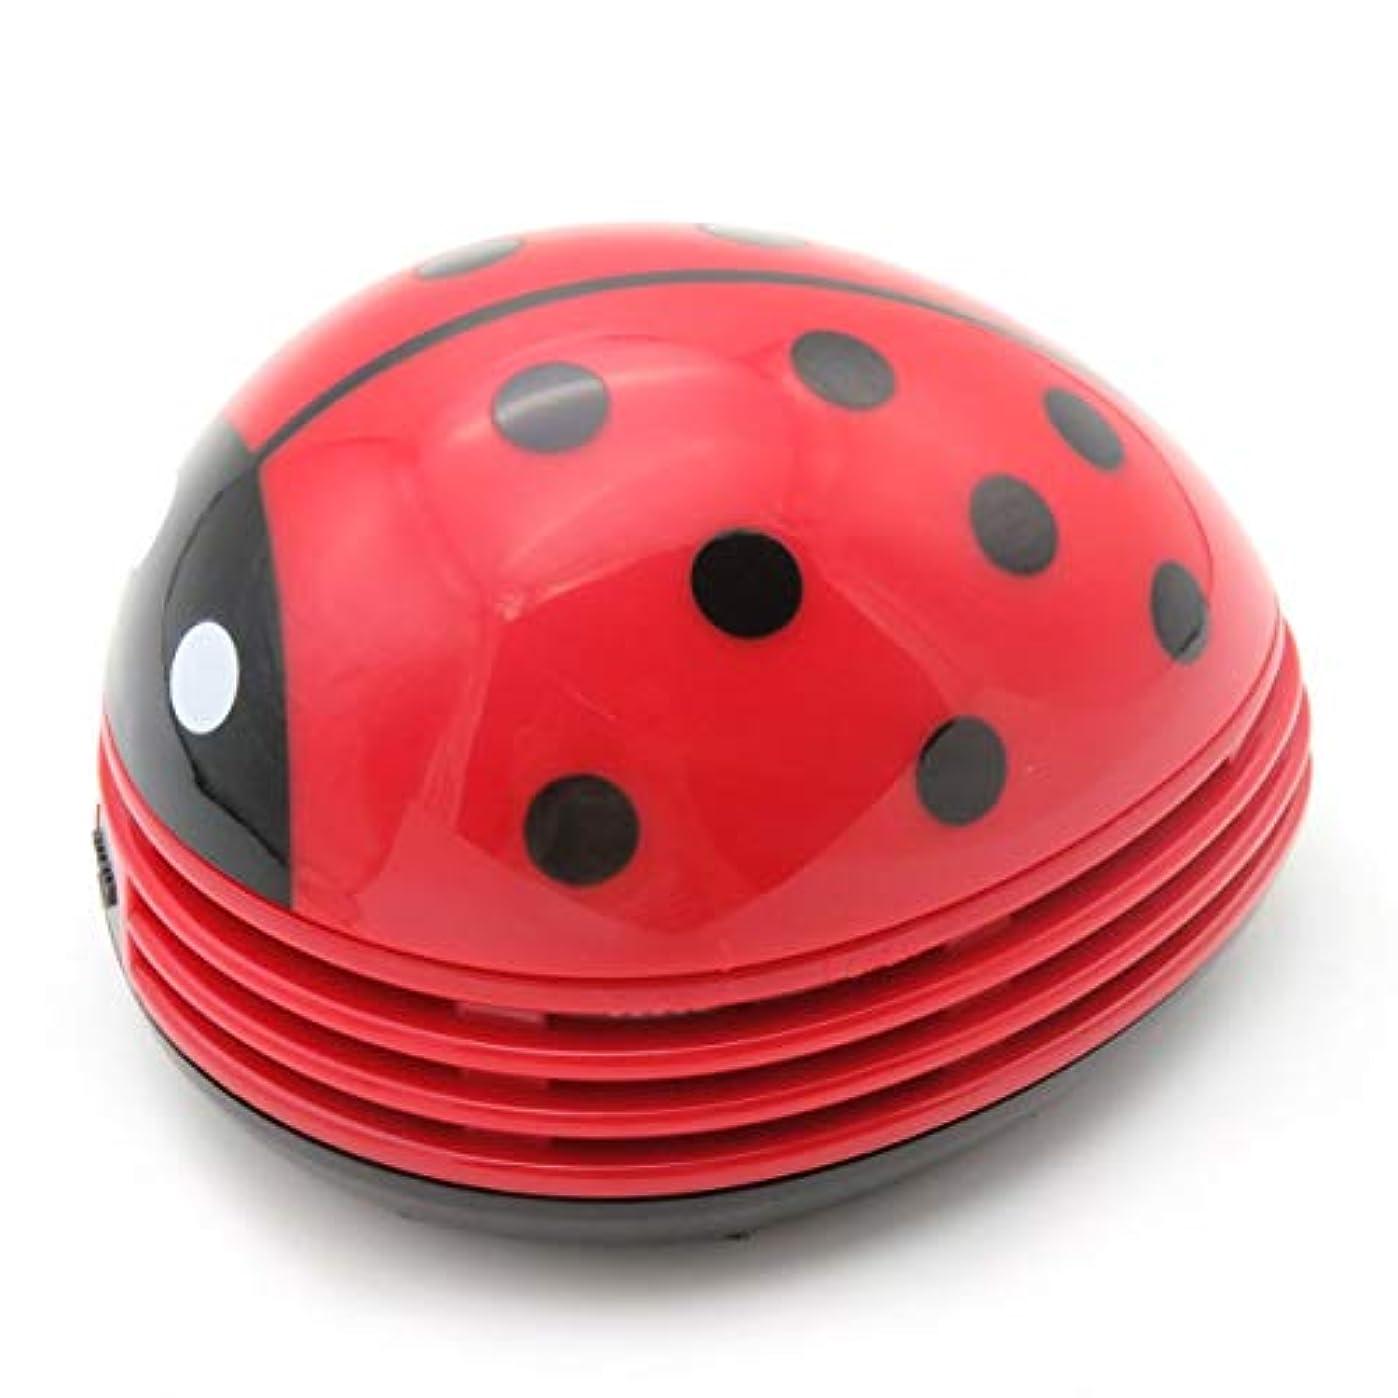 化粧うん貯水池Saikogoods ホームオフィス用バッテリ駆動 ラブリー漫画の形 デスクトップキーボードの掃除機 ミニ集塵機 クラムスイーパー 赤